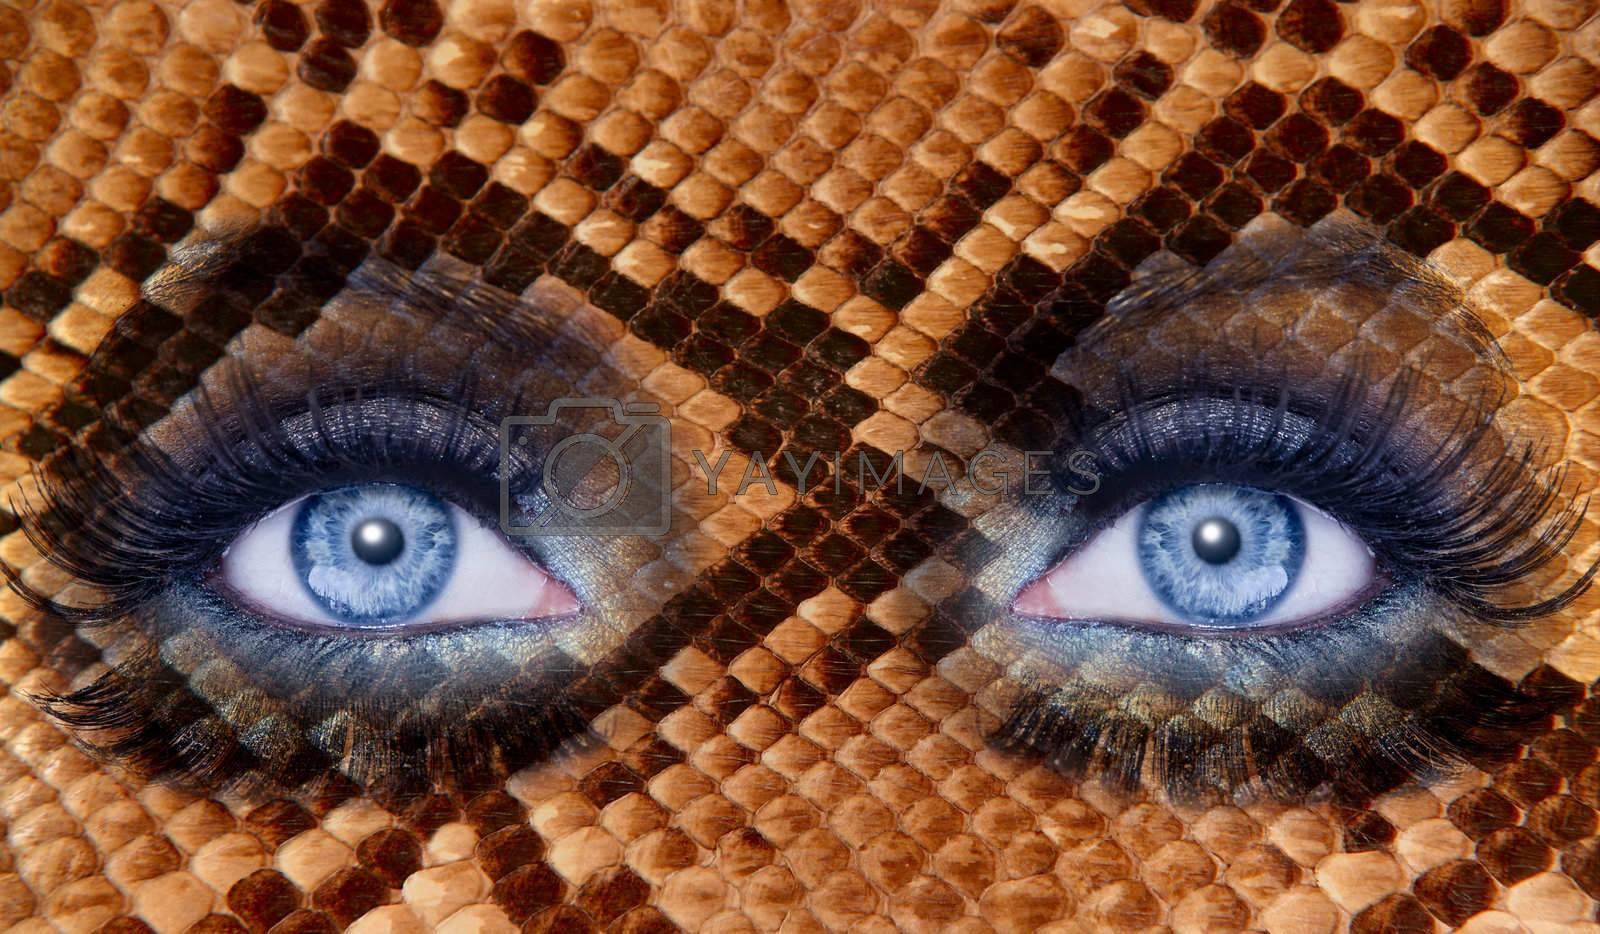 blue fashion makeup eyes snake skin texture animal wildlife metaphor